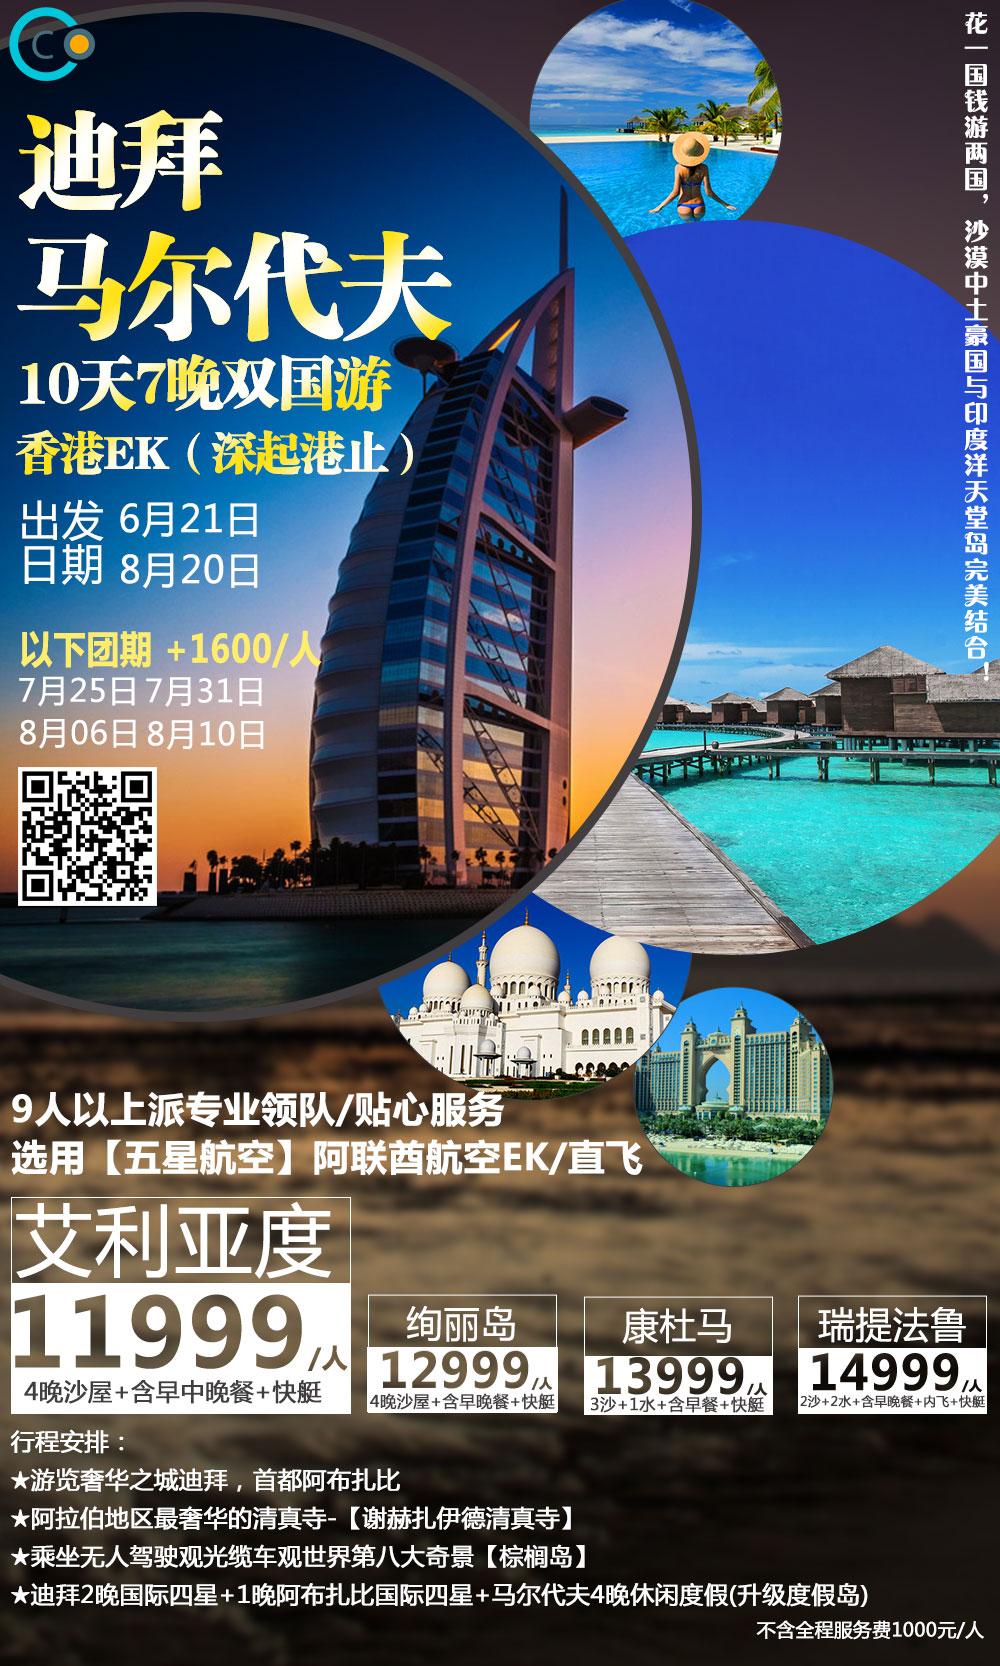 暑假迪拜+马尔代夫10天深度游(一半沙漠一半海岛)市场独家产品